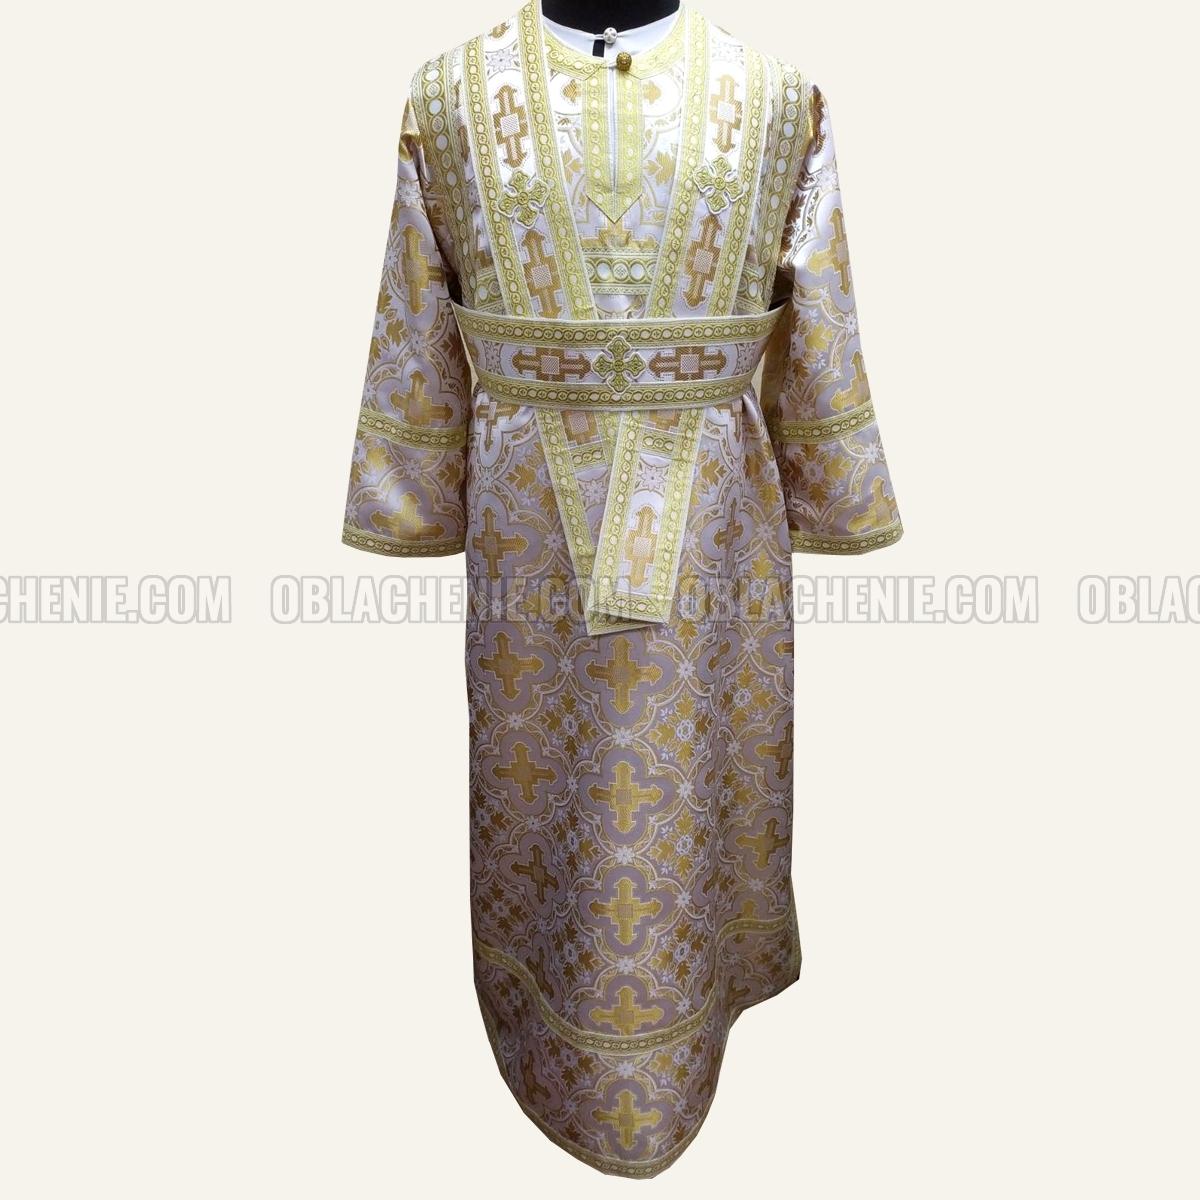 Subdeacon's vestments 11102